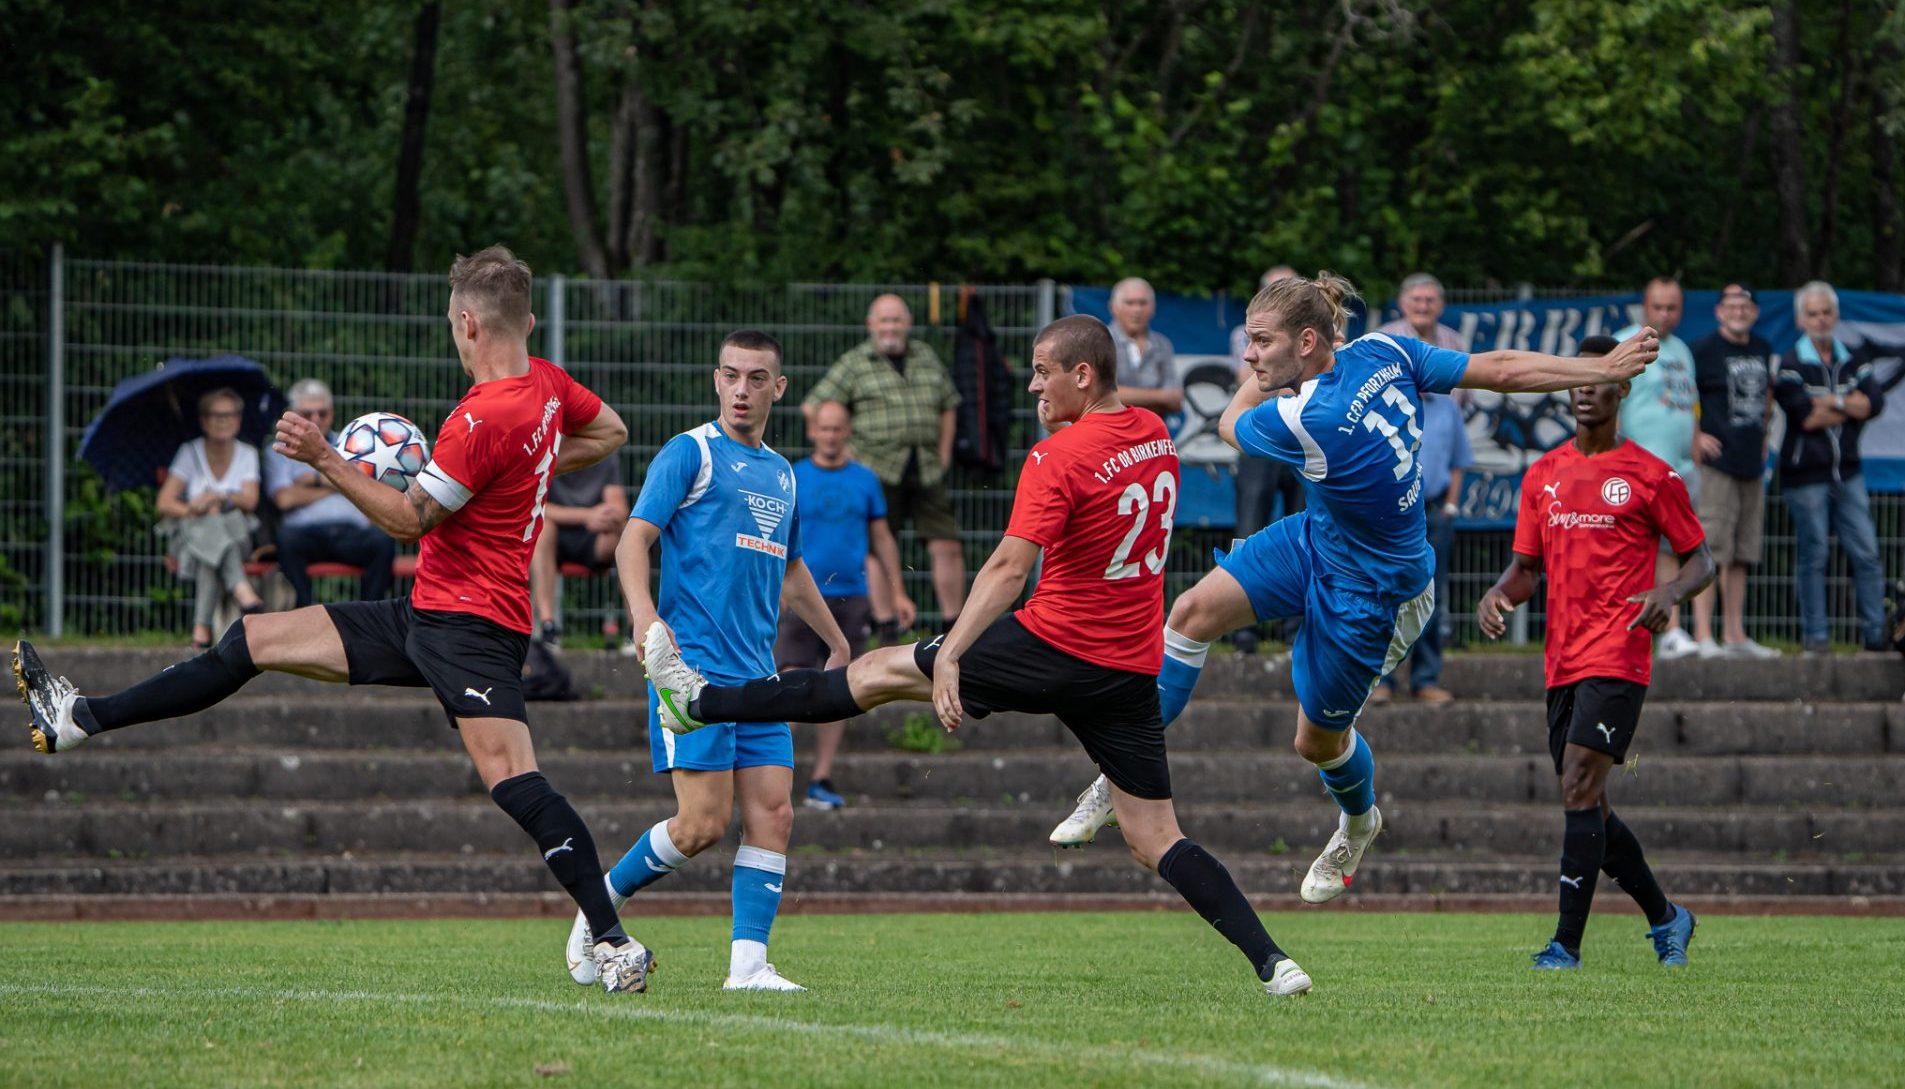 Erste Mannschaft startet erfolgreich in den bfv-Pokal